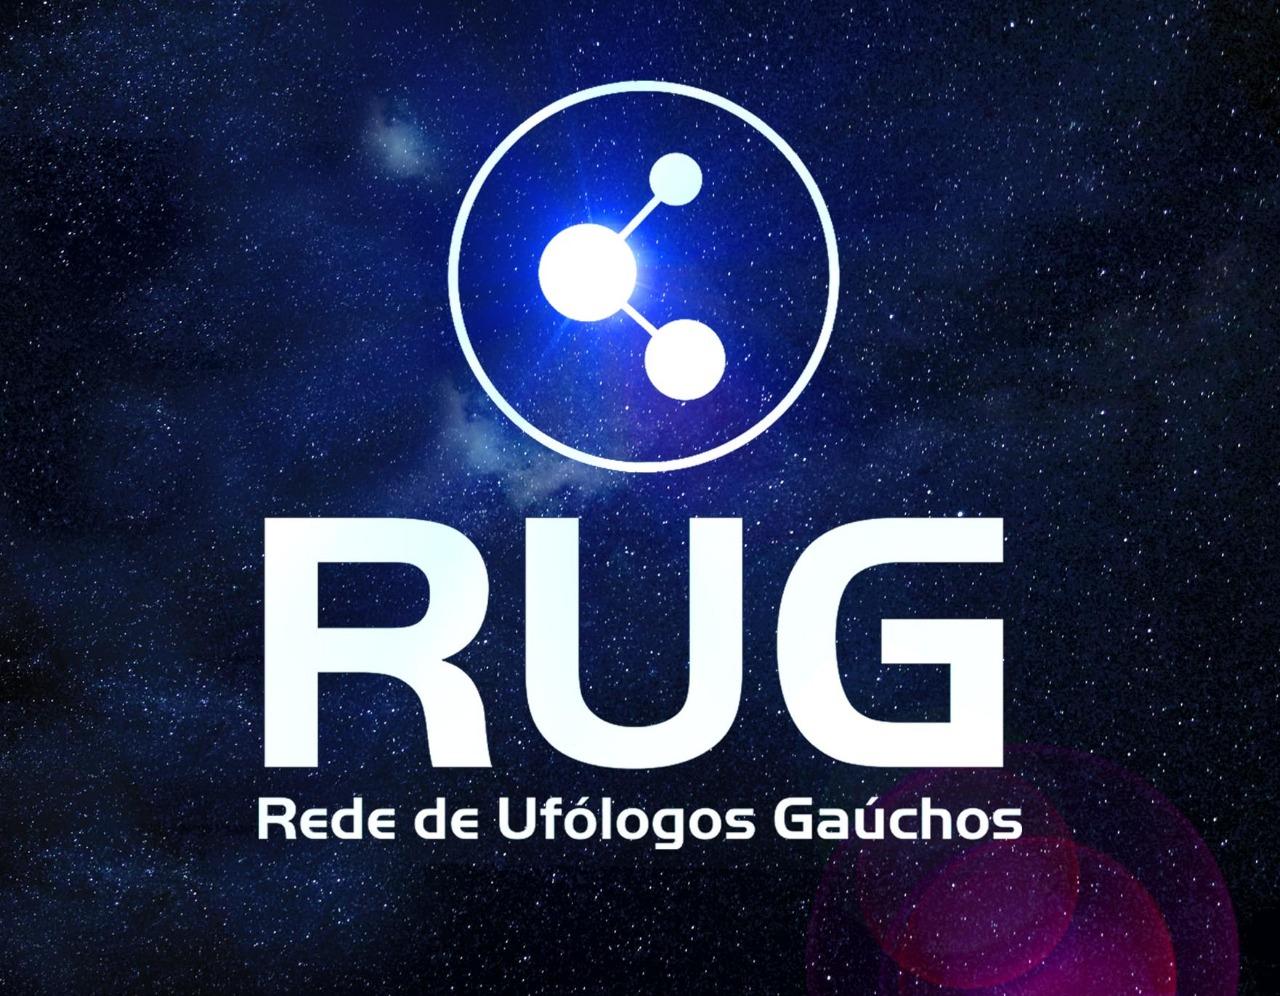 REDE DE UFÓLOGOS GAÚCHOS